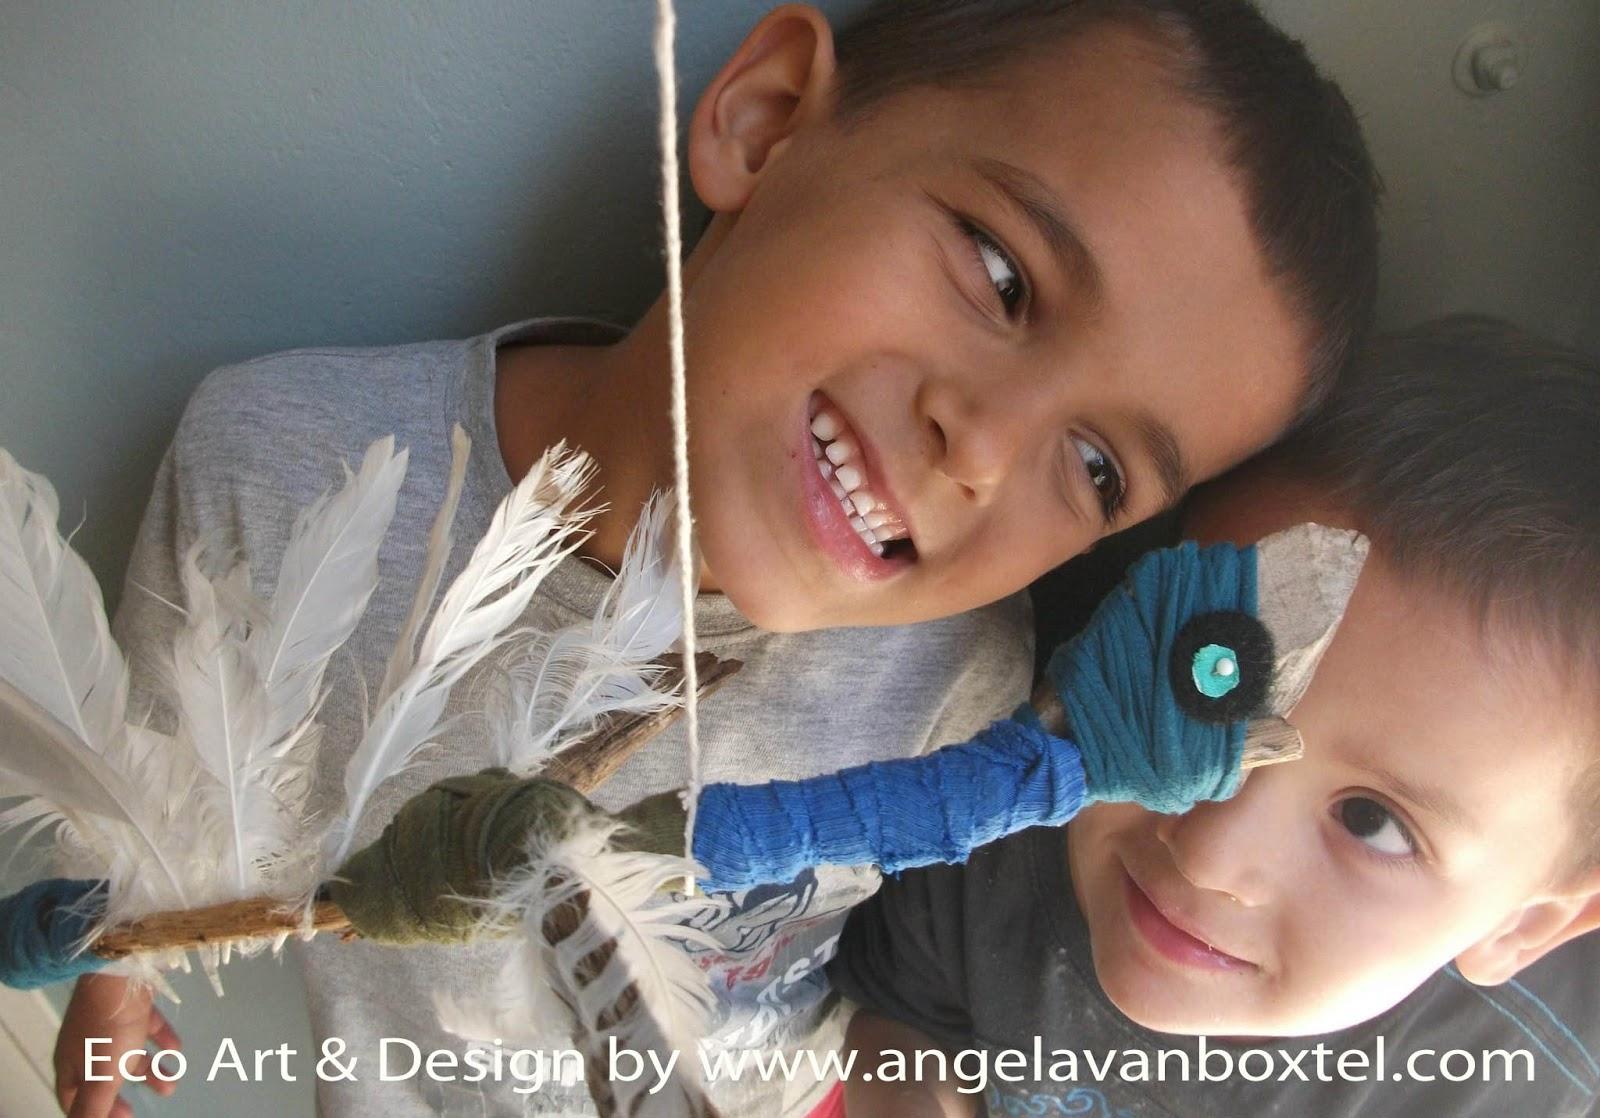 angela_van_boxtel